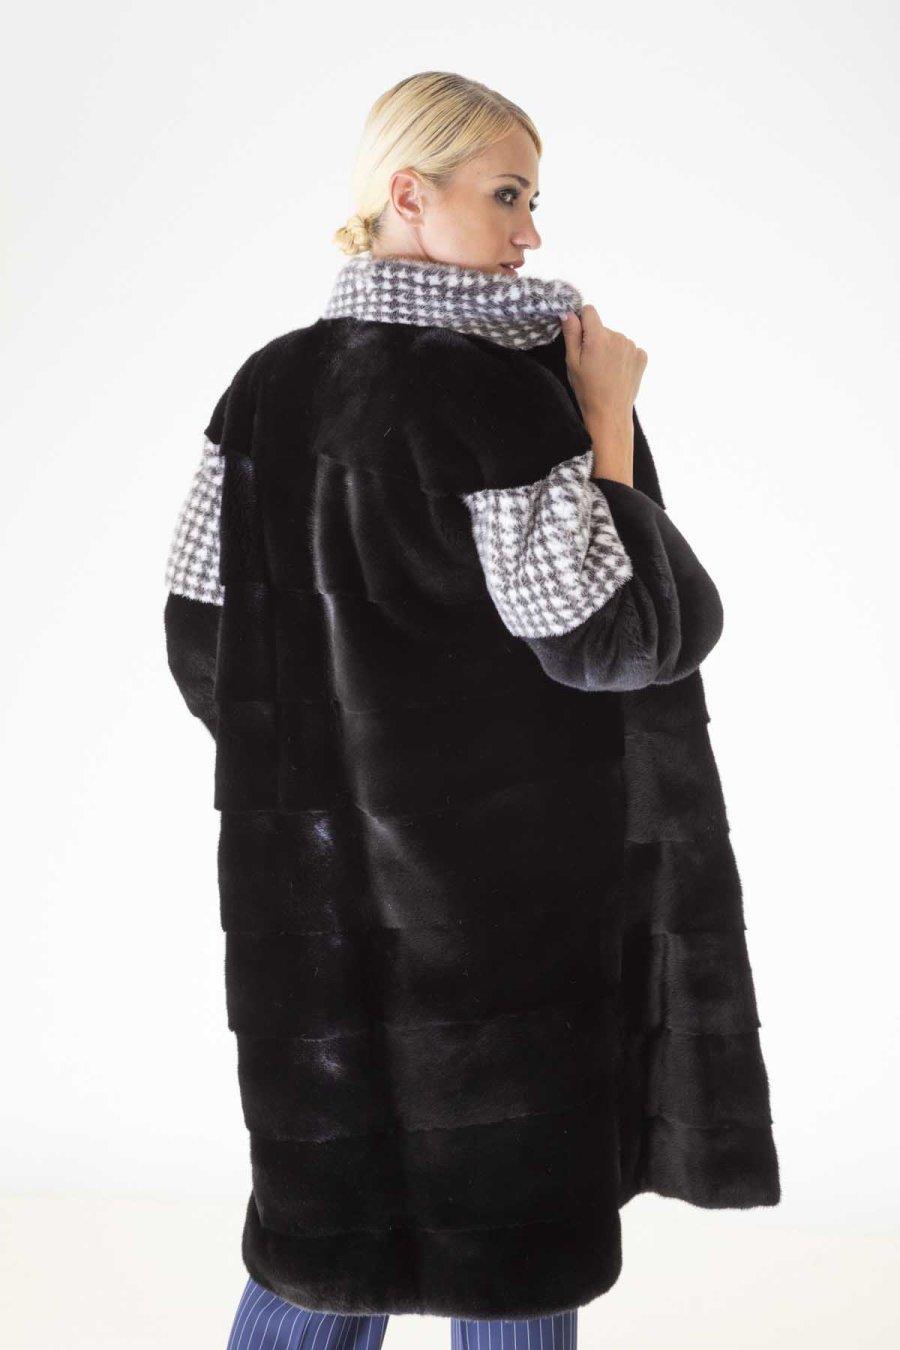 Blackglama Coat with Pied de poule print | Sarigianni Furs